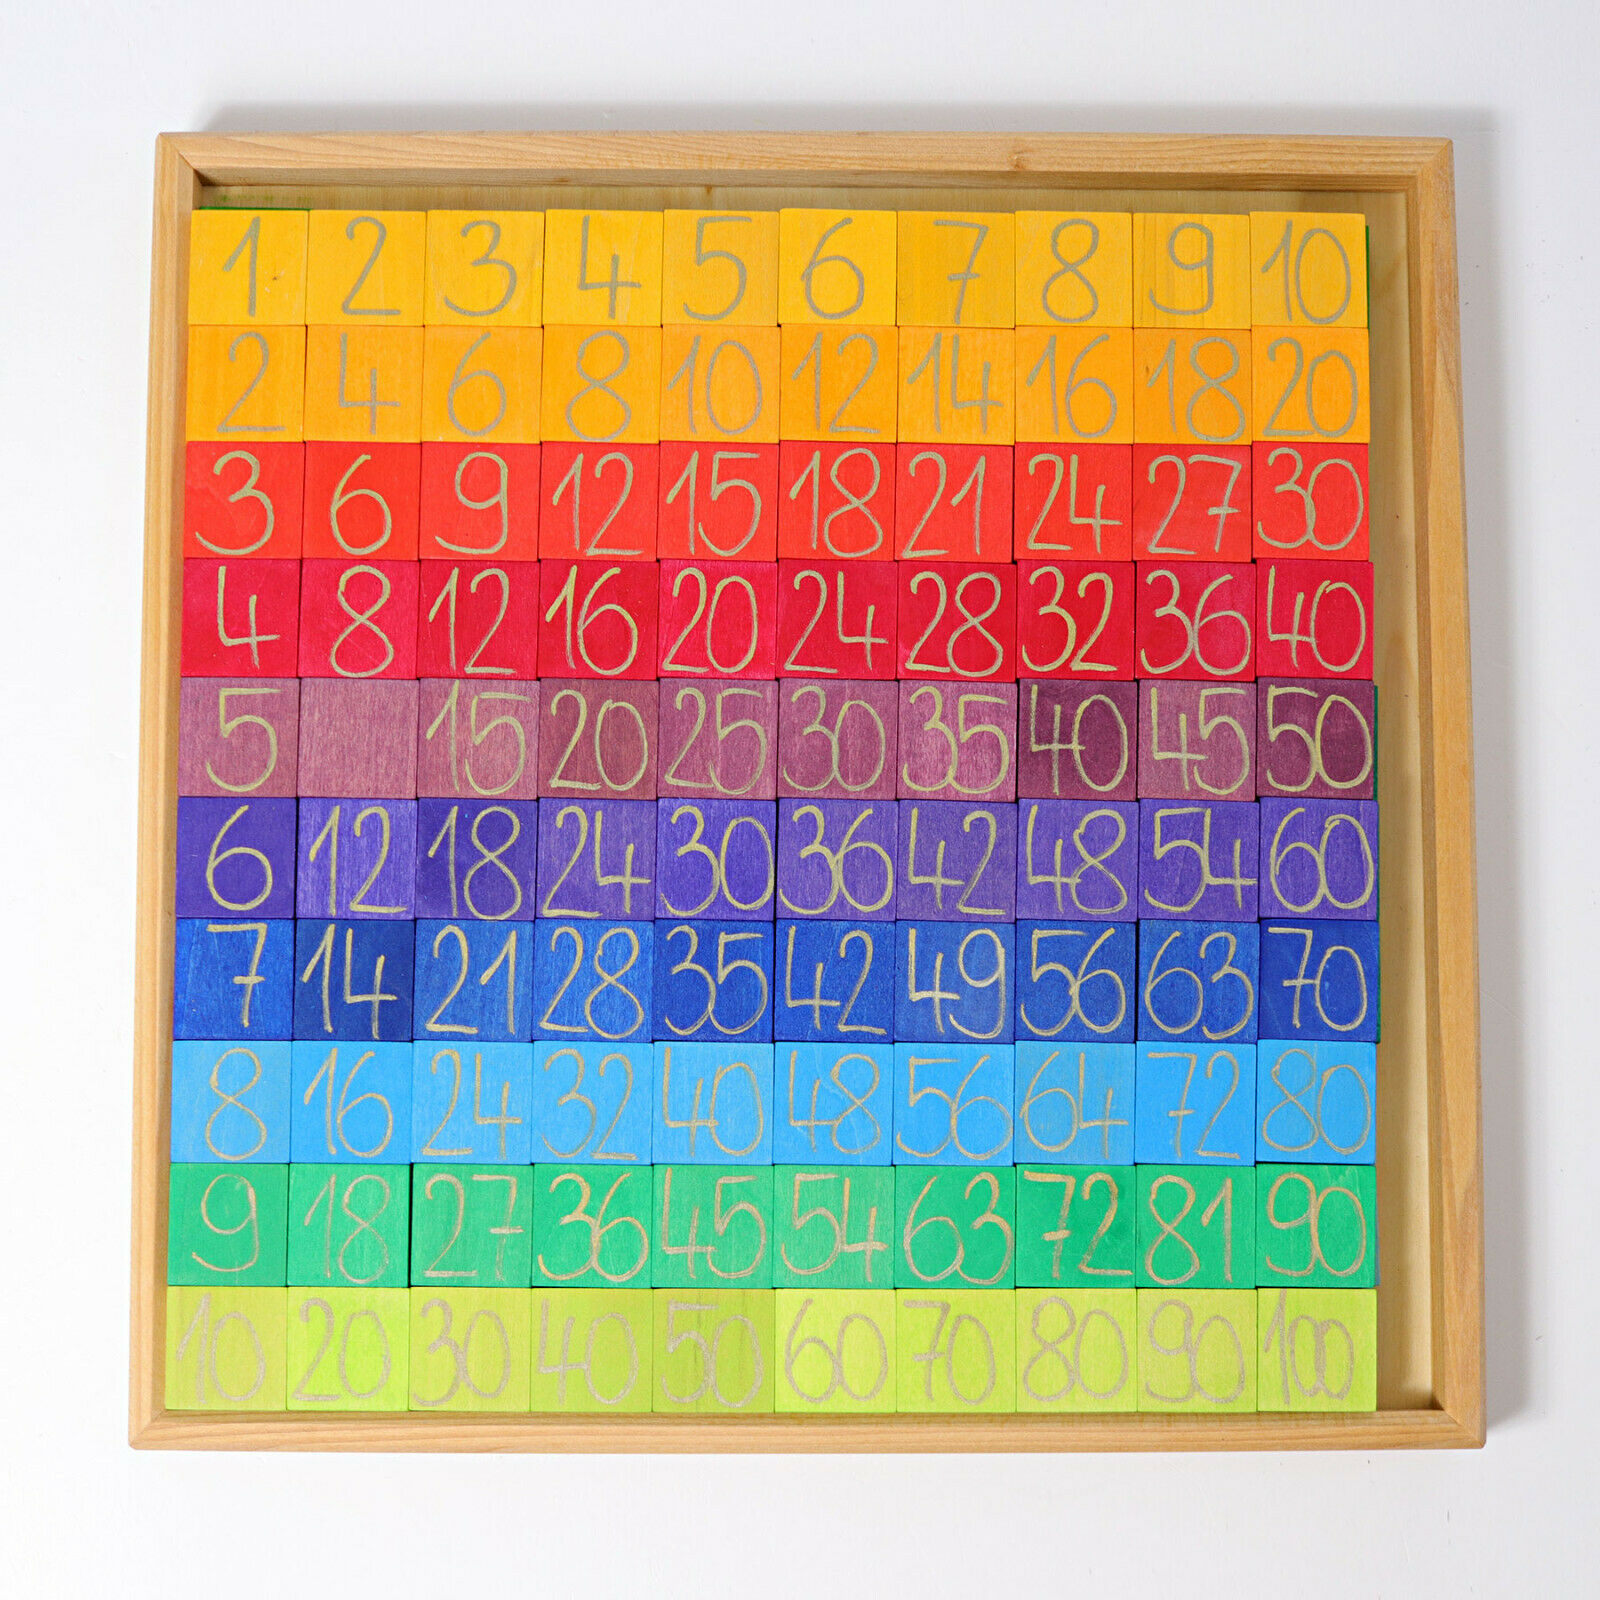 Grimm's Spiel und Holzdesign 42320 Rechnen mit Farben Farben Farben Lernen & Erfahren NEU ebfde5